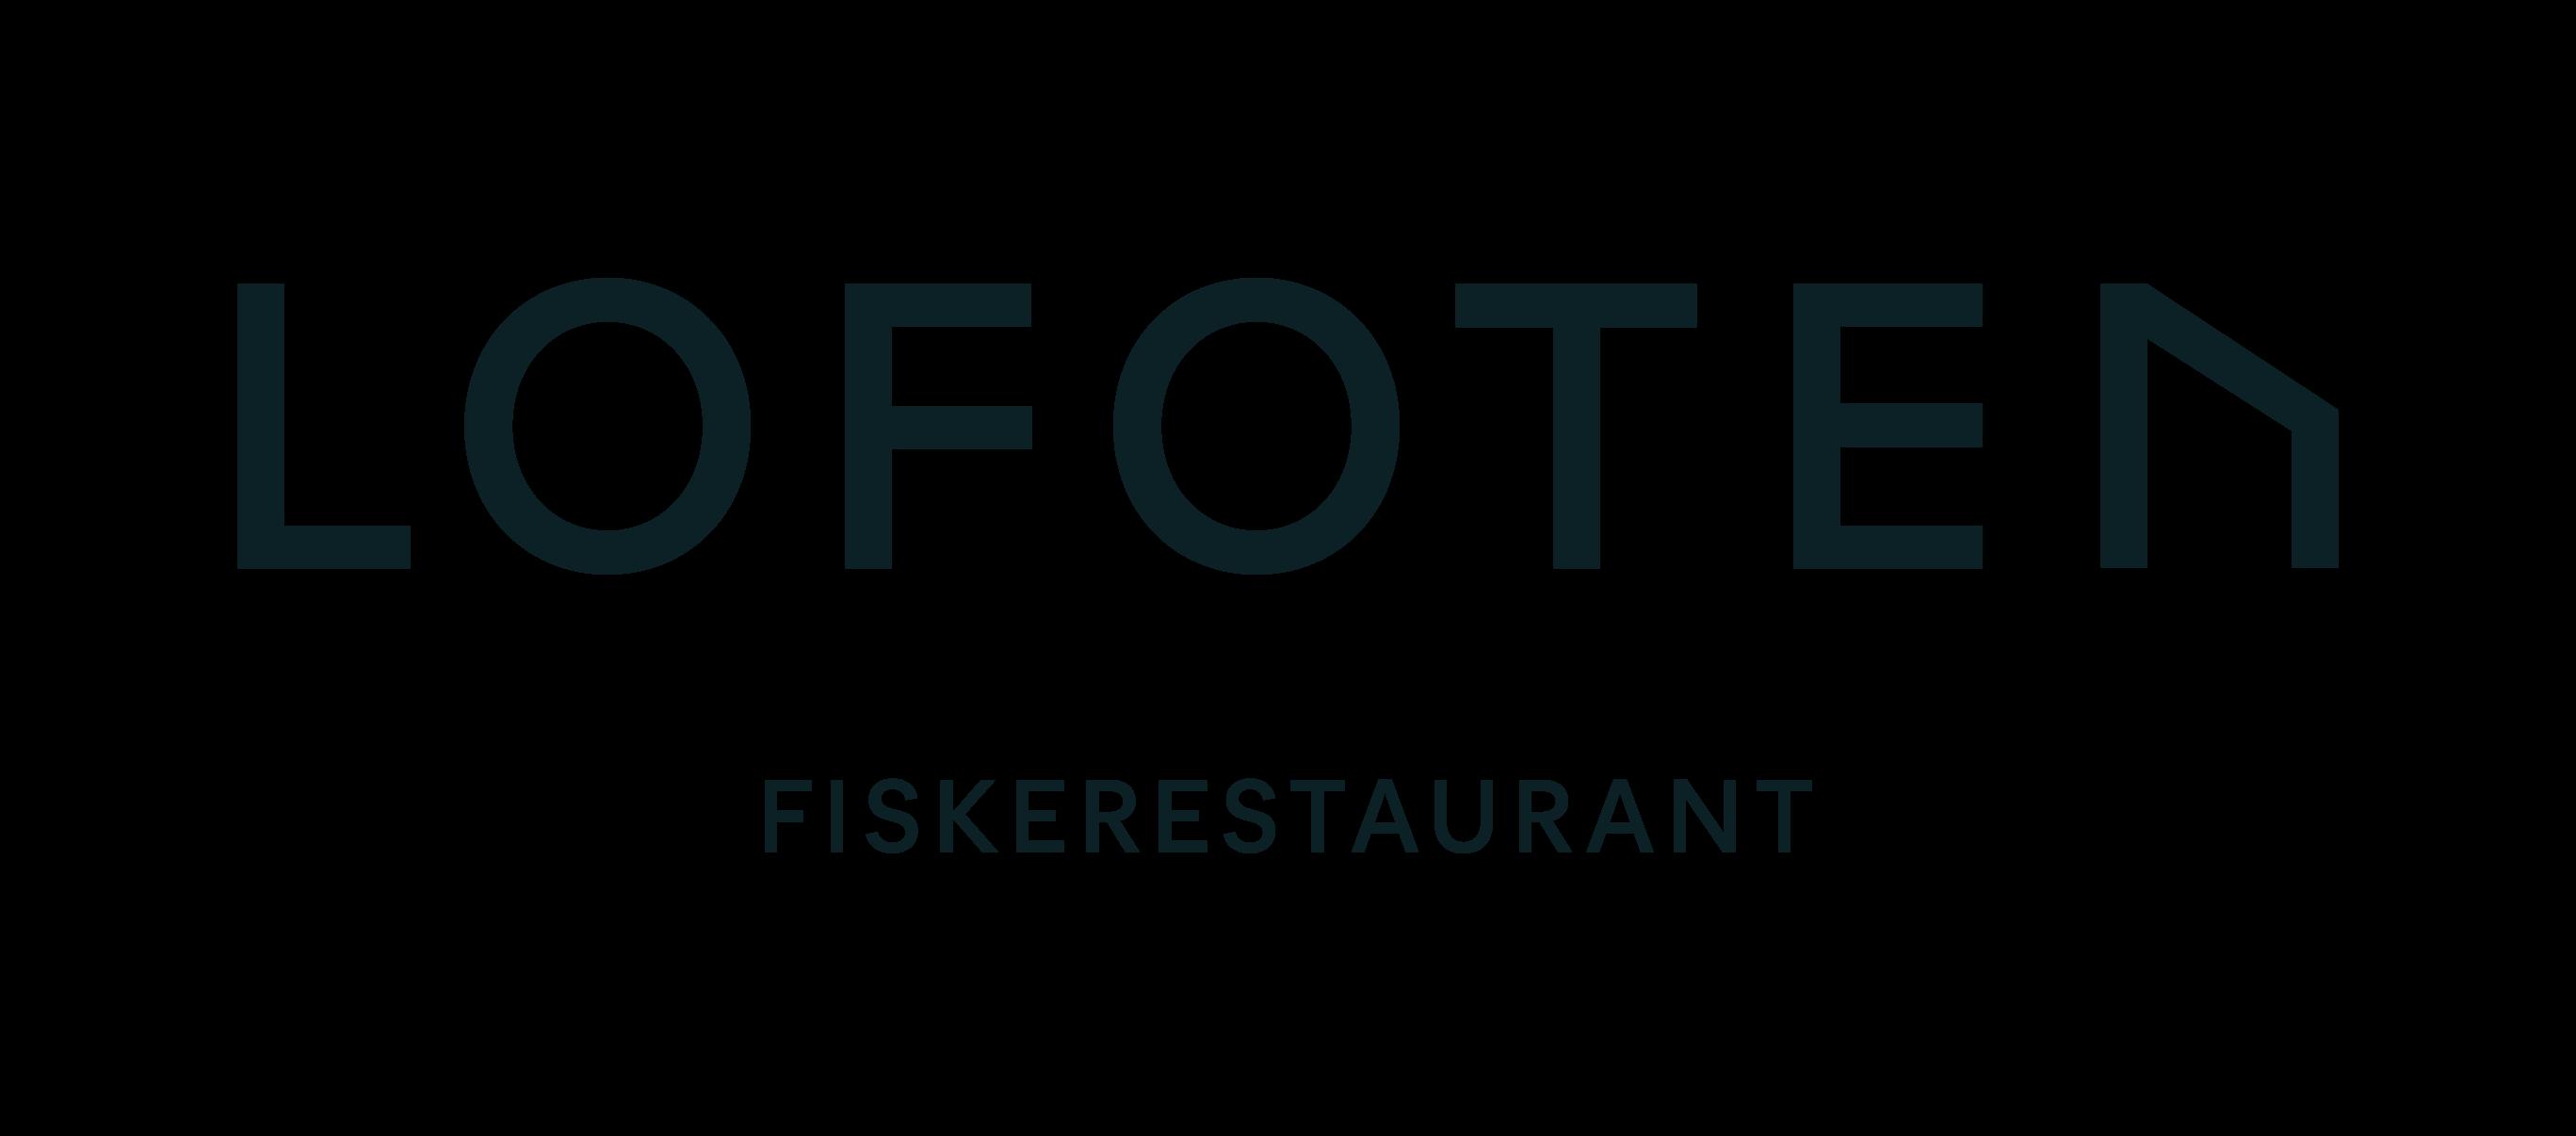 fg_lofoten_original_logo_m_tagline_dark